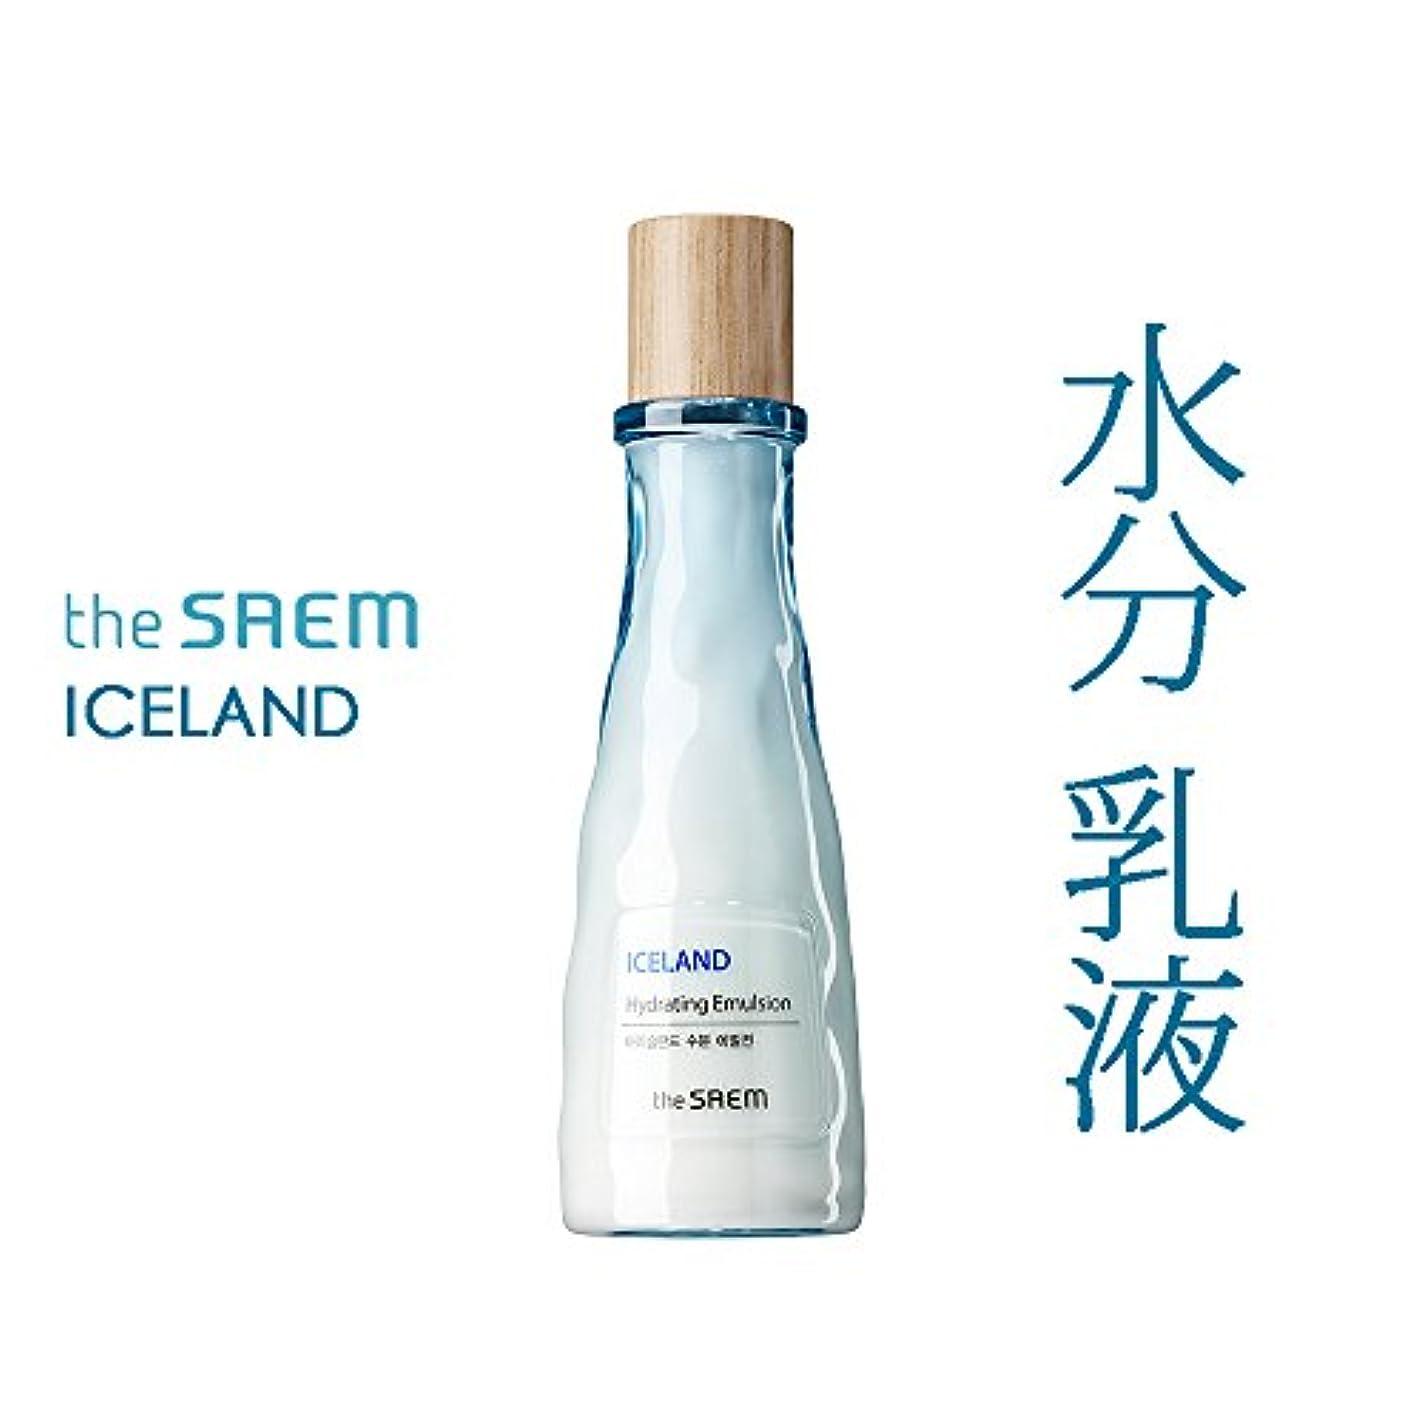 ヨーロッパ一致するローンザ セム The saem アイスランド 水分 乳液 The Saem Iceland Hydrating E mulsion 140ml